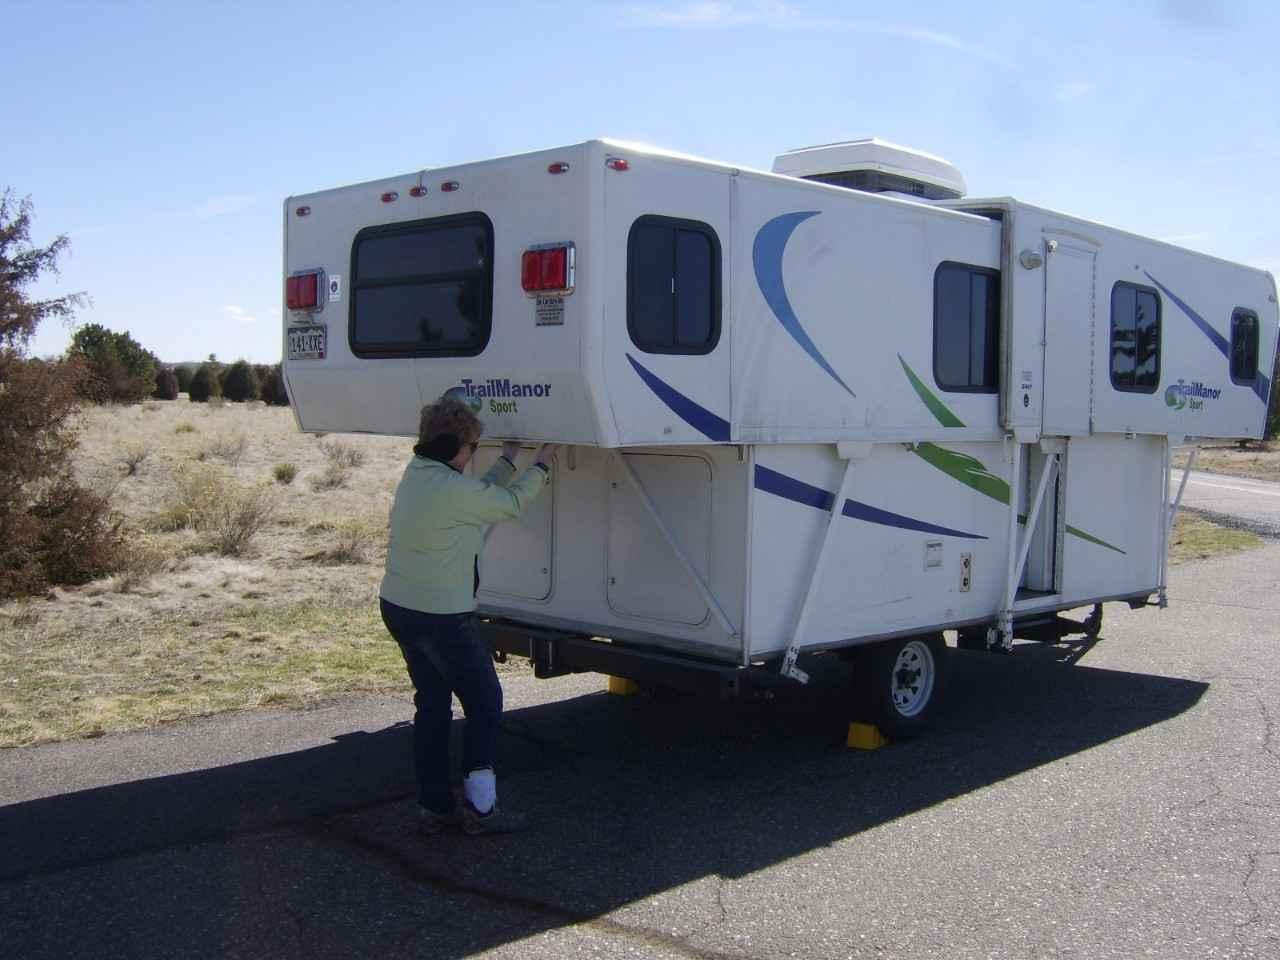 2012 Used Trailmanor 2417 SPORT Pop Up Camper in Colorado CO